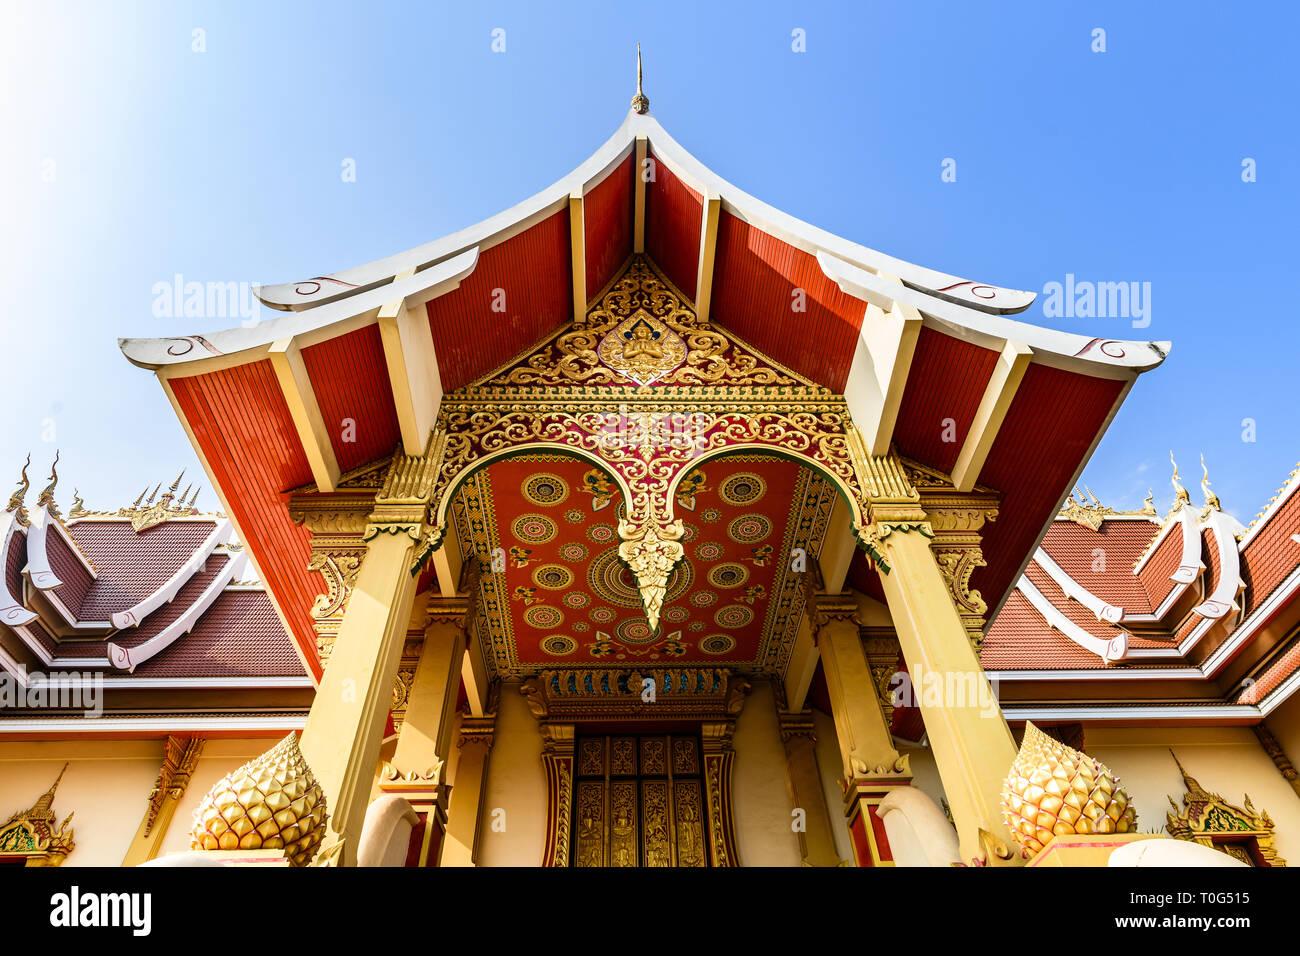 Vue rapprochée de la magnifique Wat That Luang Neua avec décorations de couleur or. Banque D'Images